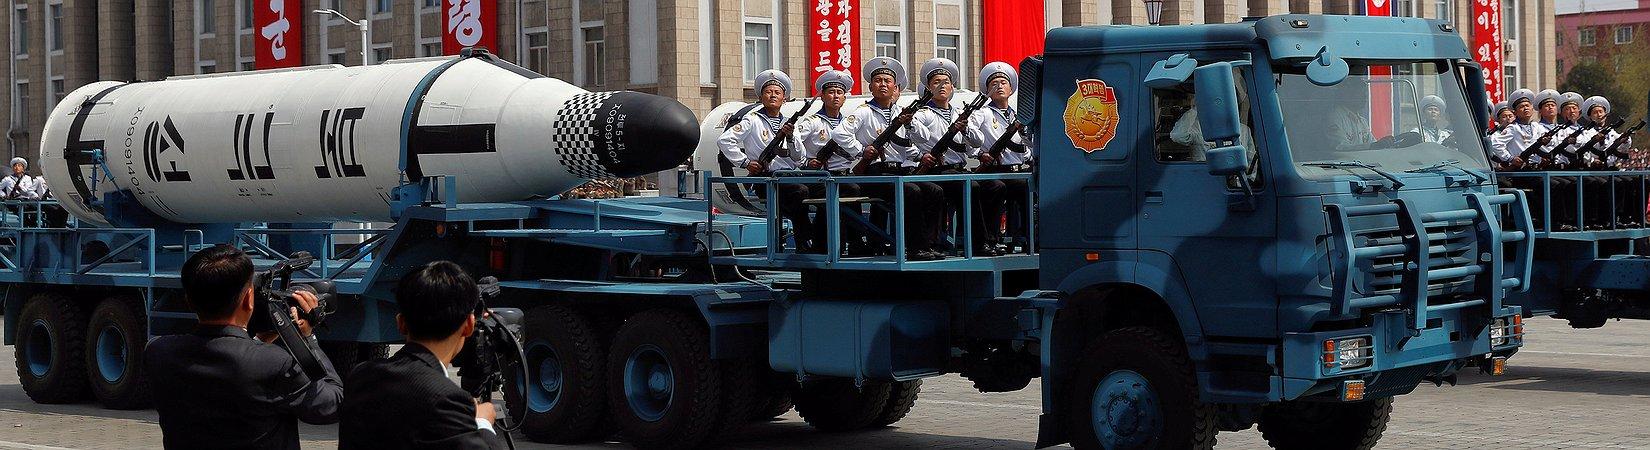 Что есть в арсенале у Северной Кореи